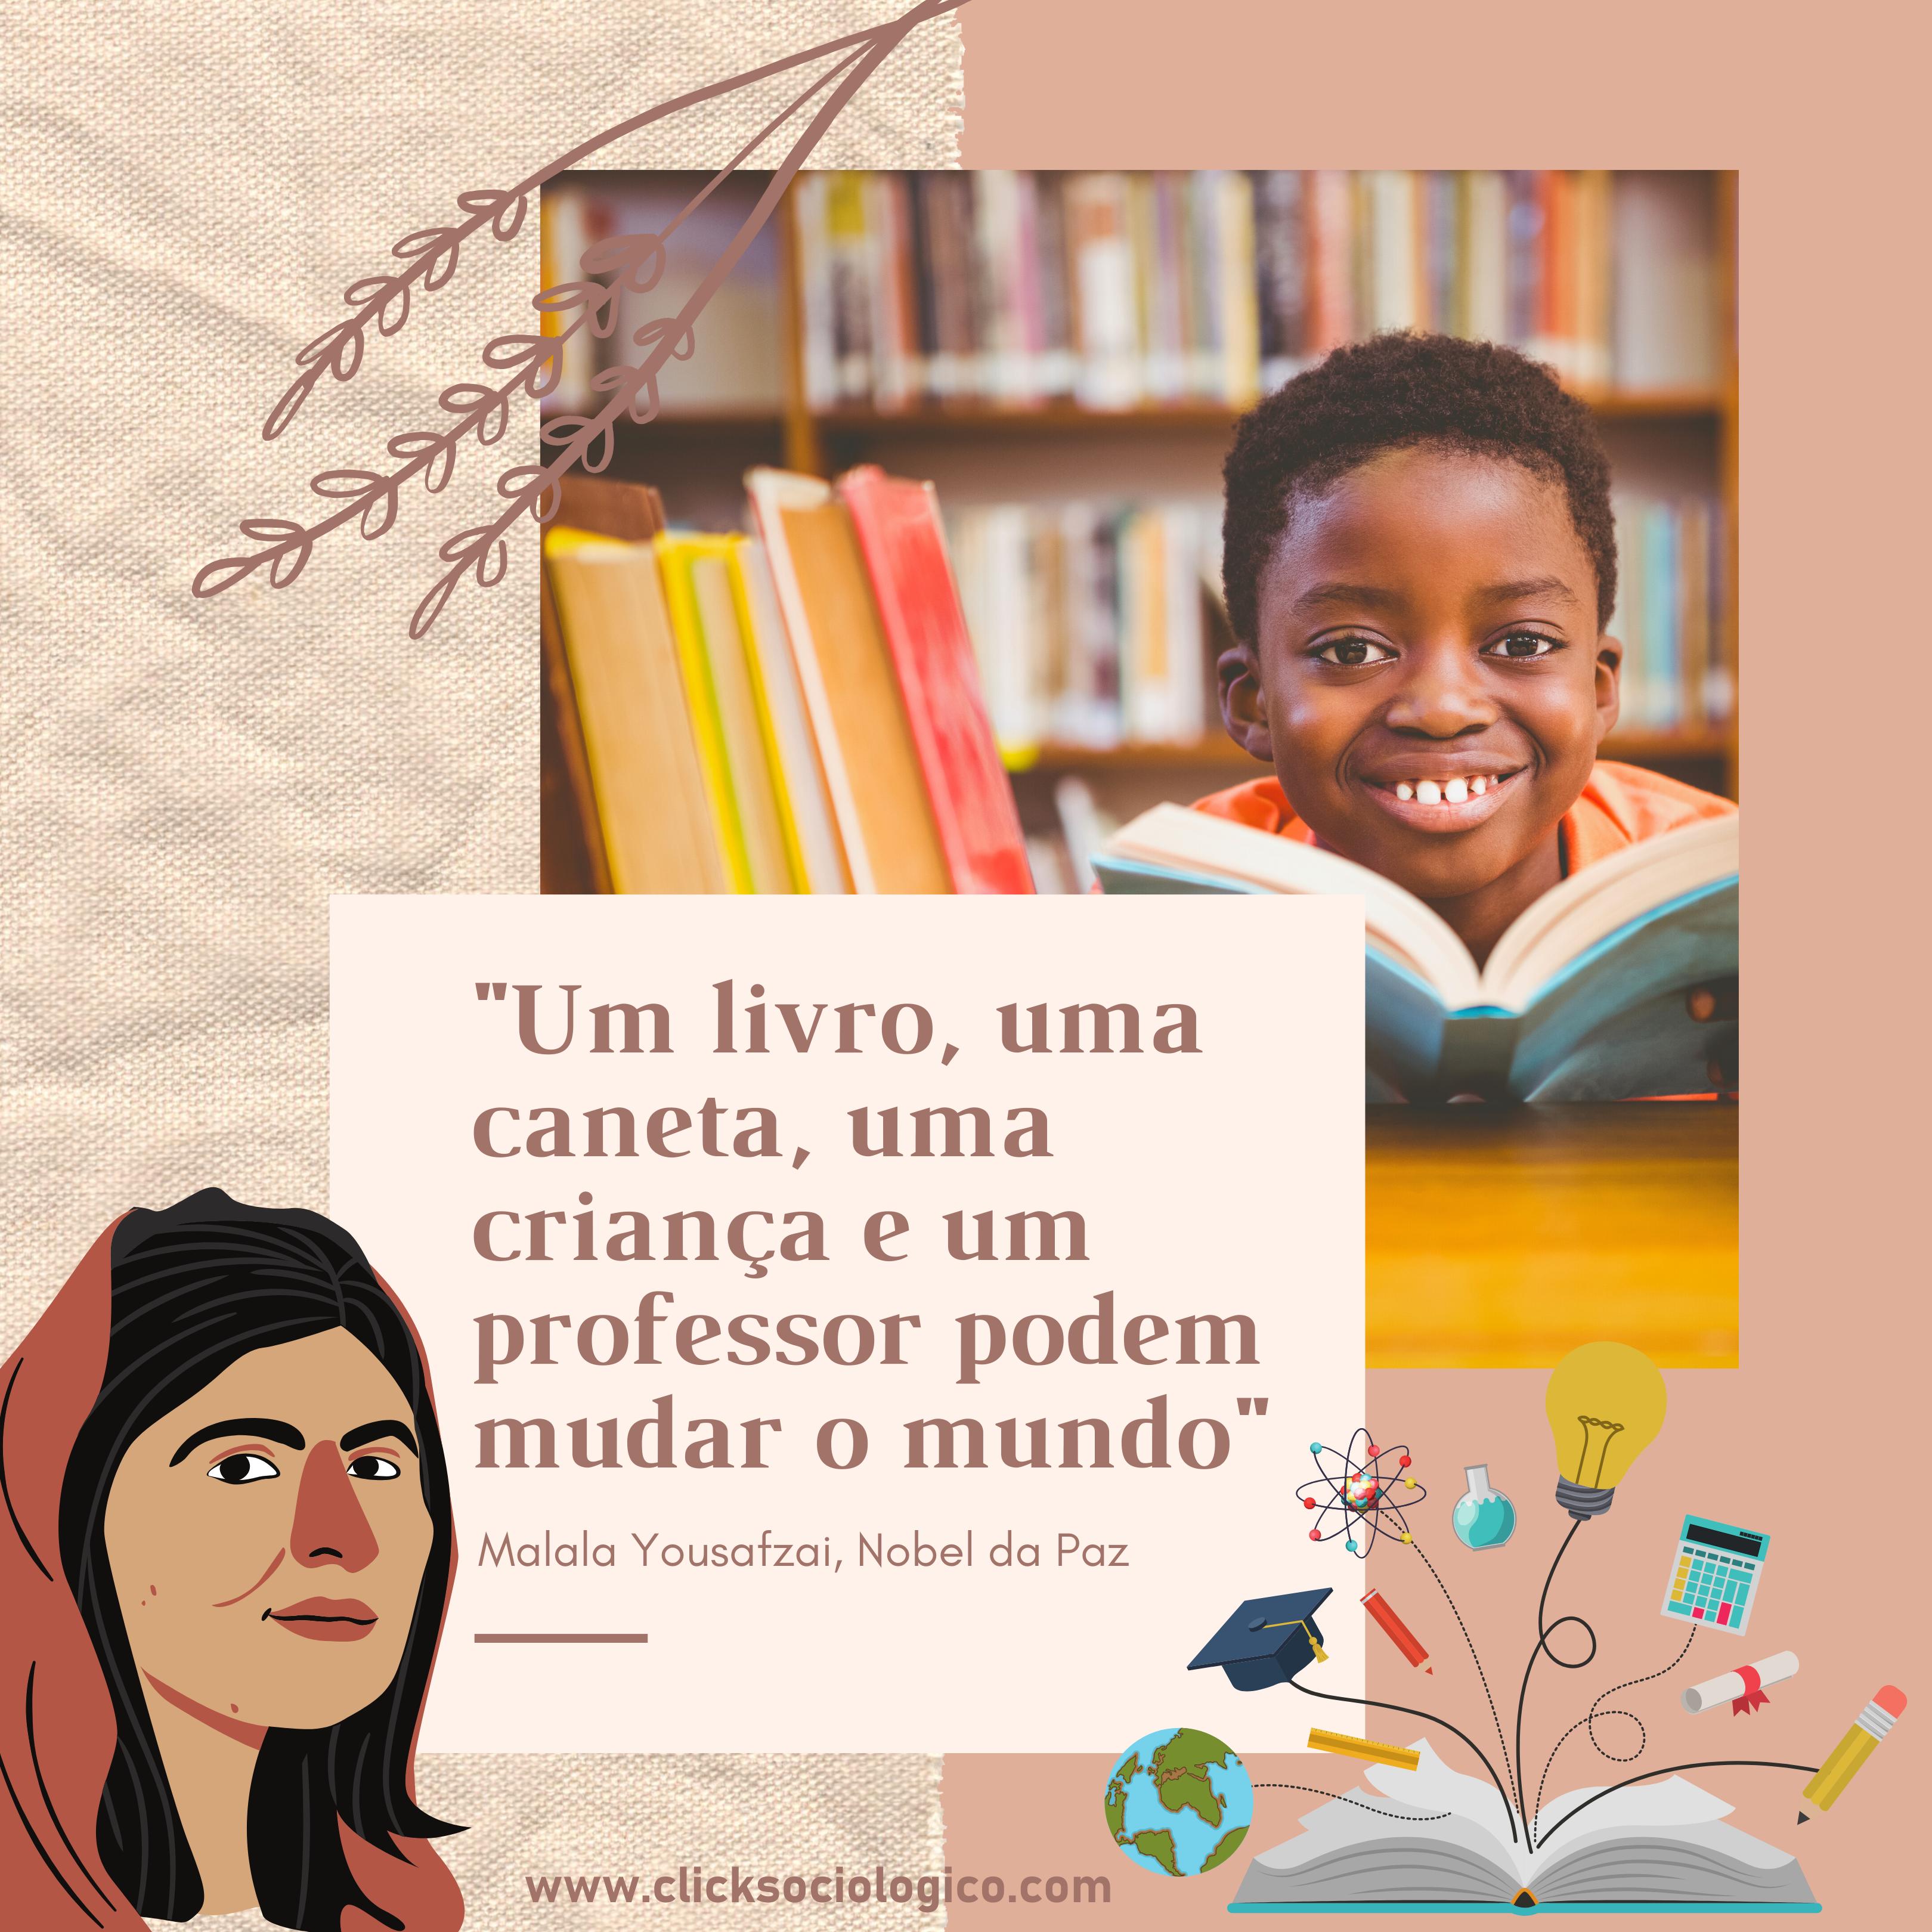 criança feliz estudando com livros e desenho da malala